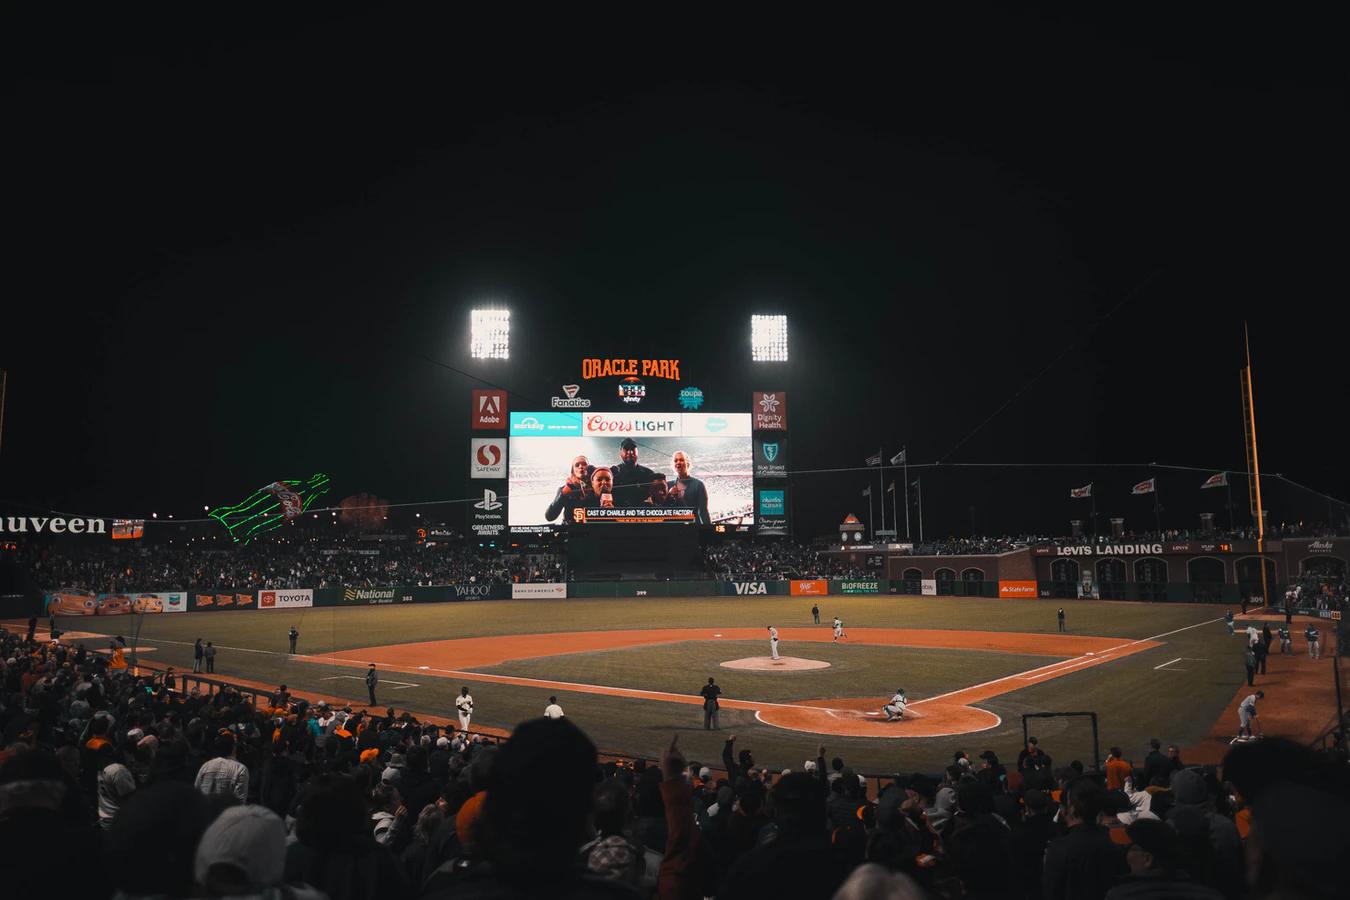 Estádio Oracle Park à noite durante a Liga Americana de Beisebol